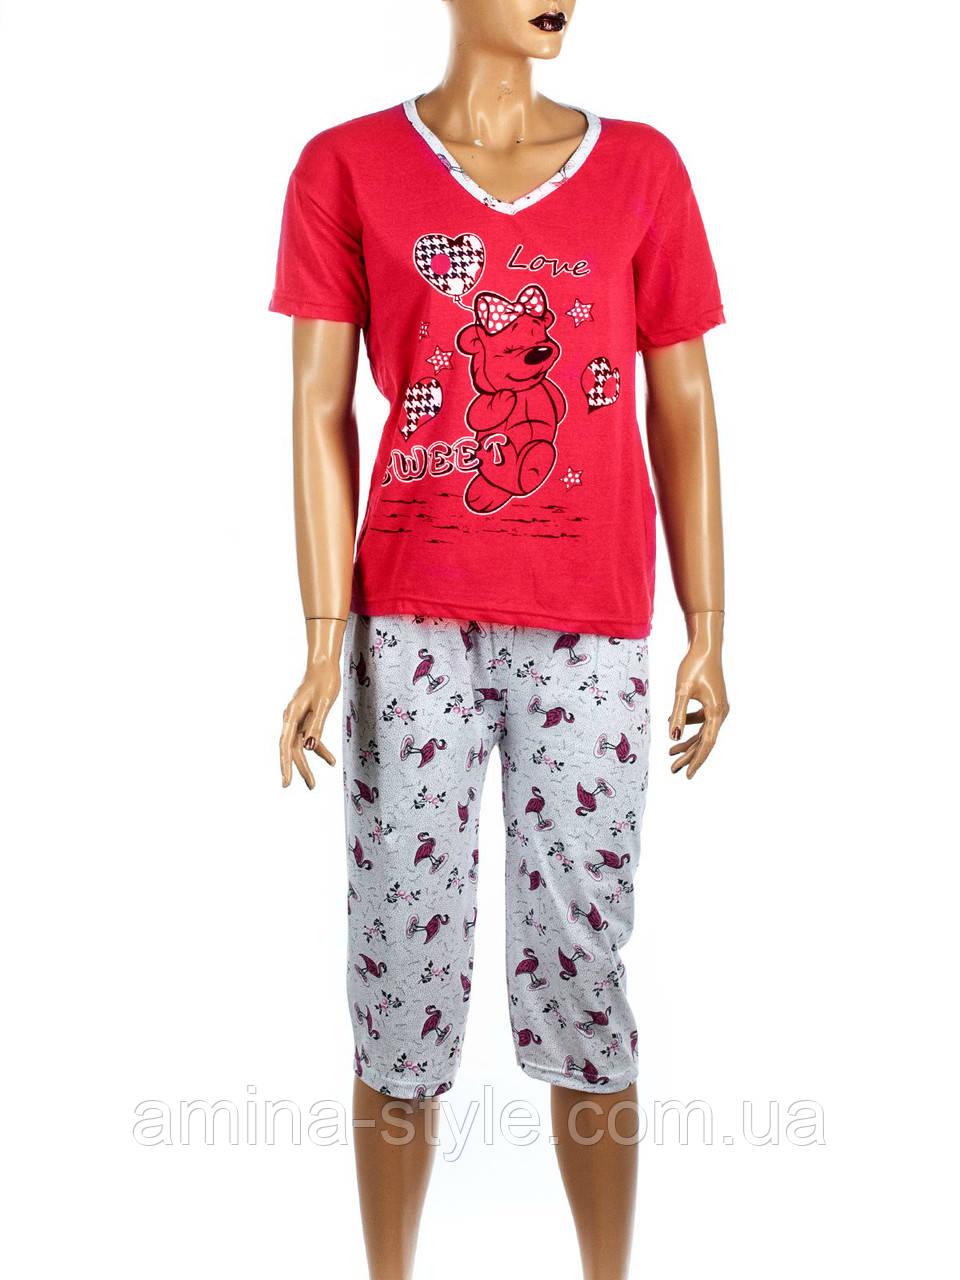 """Пижама женская с бриджами """"K.S.M"""" размер М(42-44), L (44-46), ХL(48-50)"""